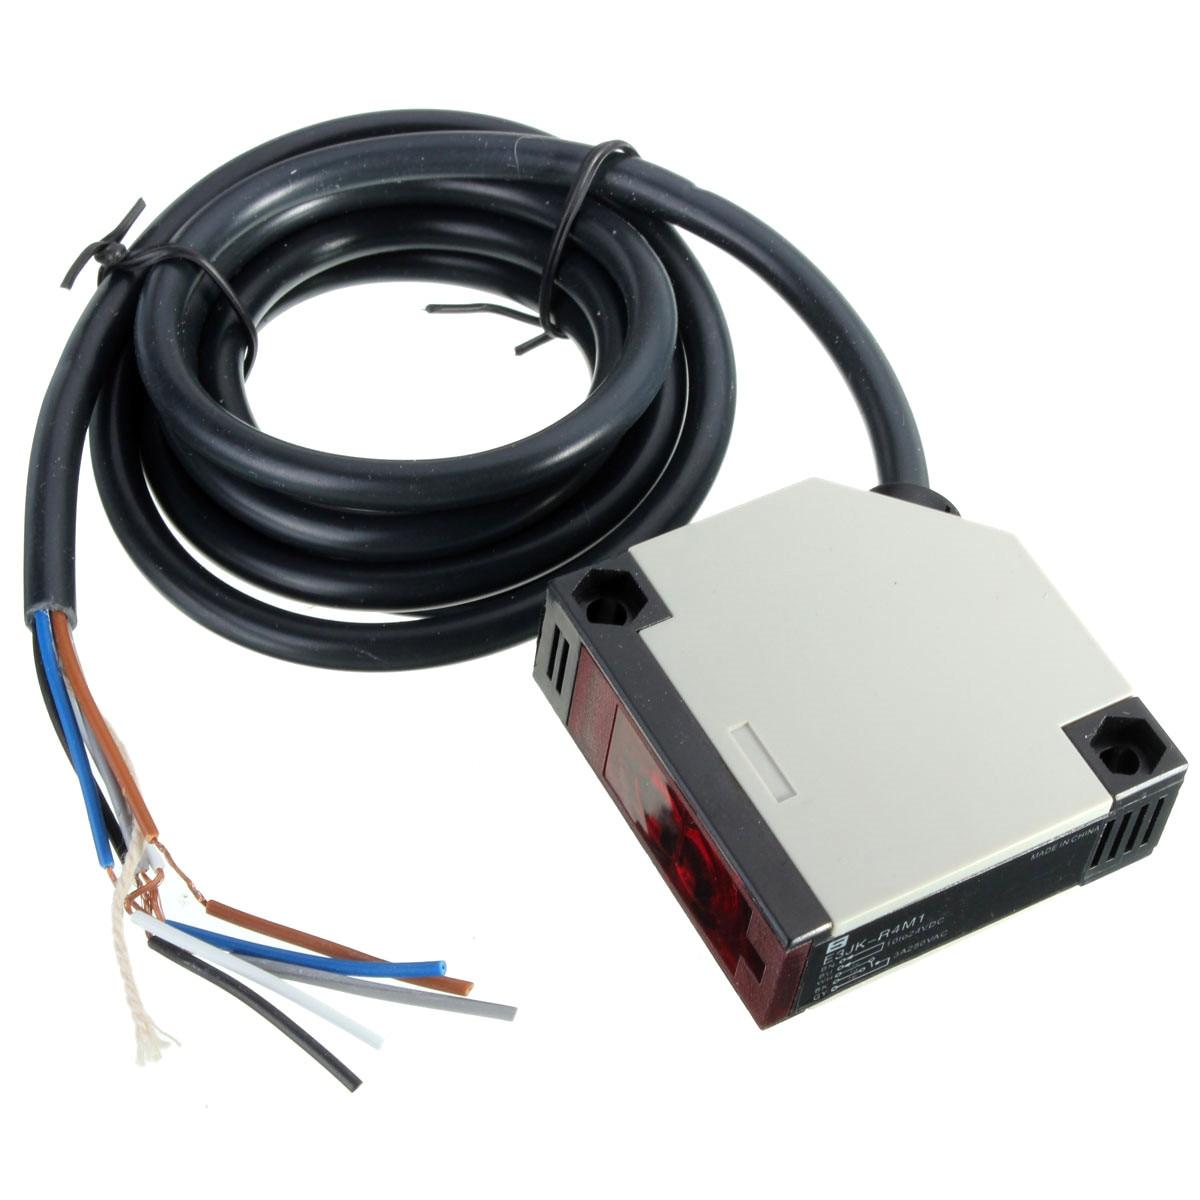 E3JK-R4M1 Specular Reflection Photoelectric DC10-24V AC90-250V 3A Sensor Switch With Screws